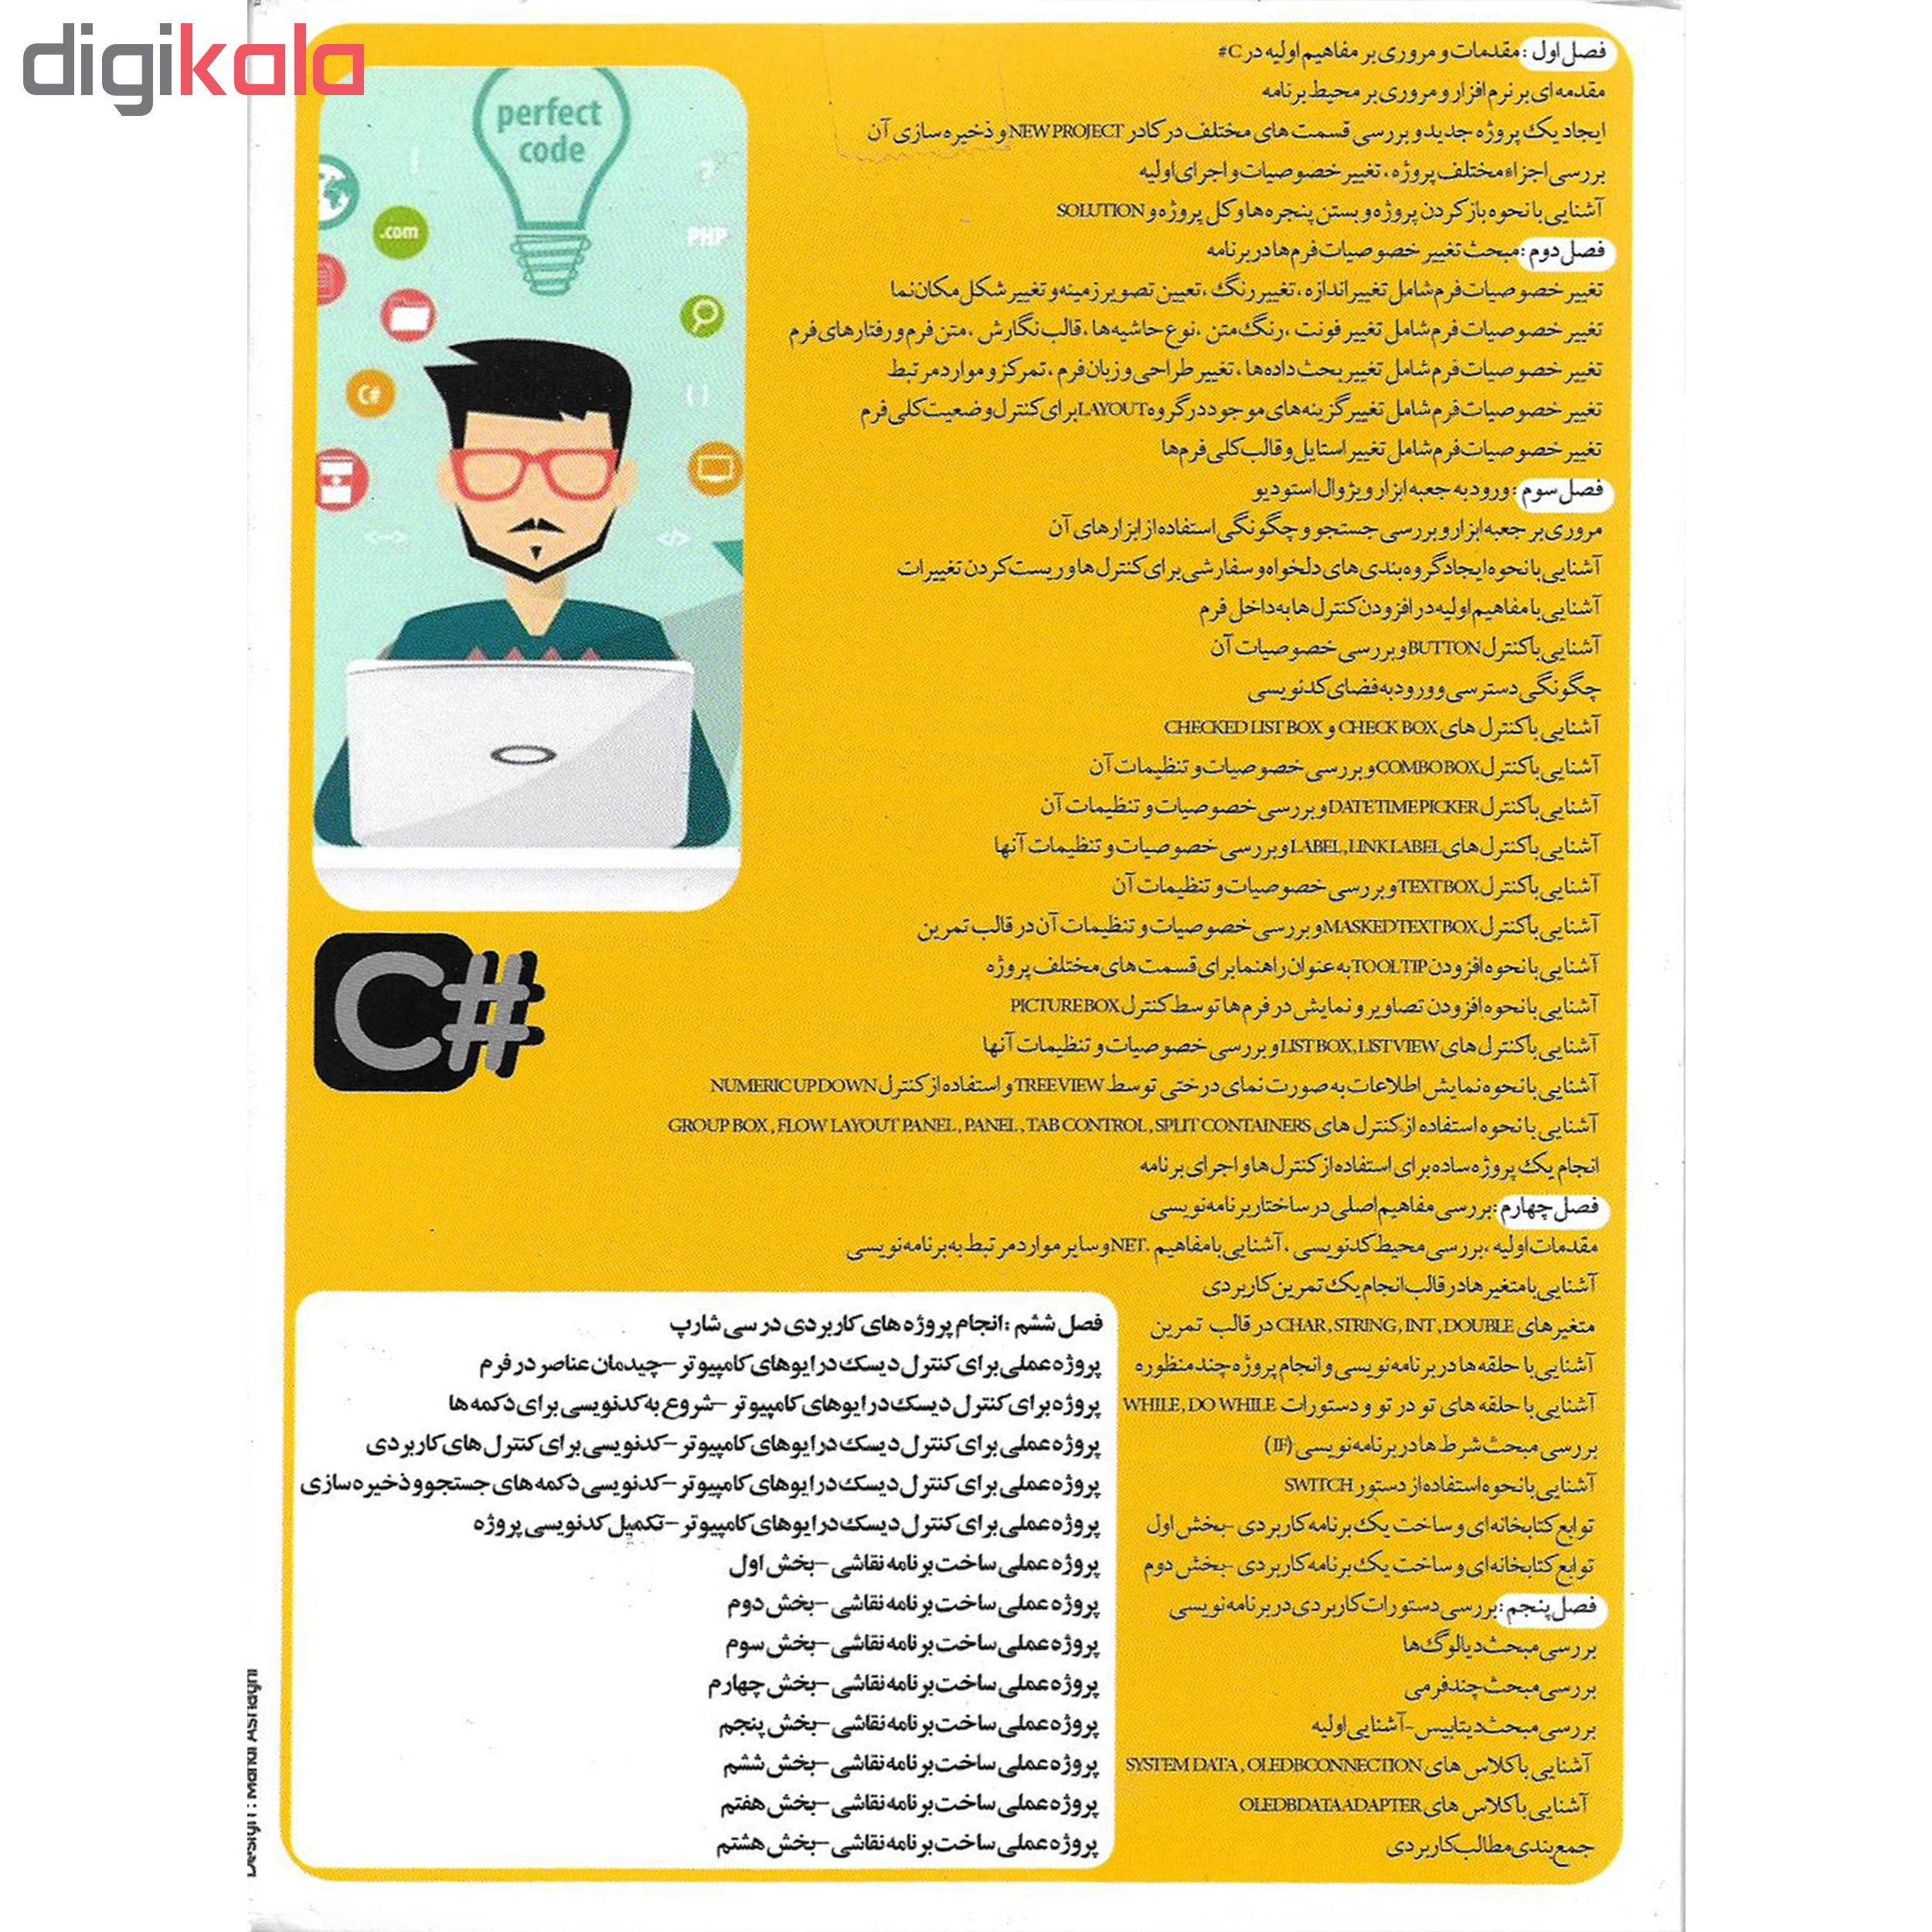 نرم افزار آموزش #C به همراه حل المسائل نشر موسسه فرهنگی پایا نرم افزارگستر مهرگان